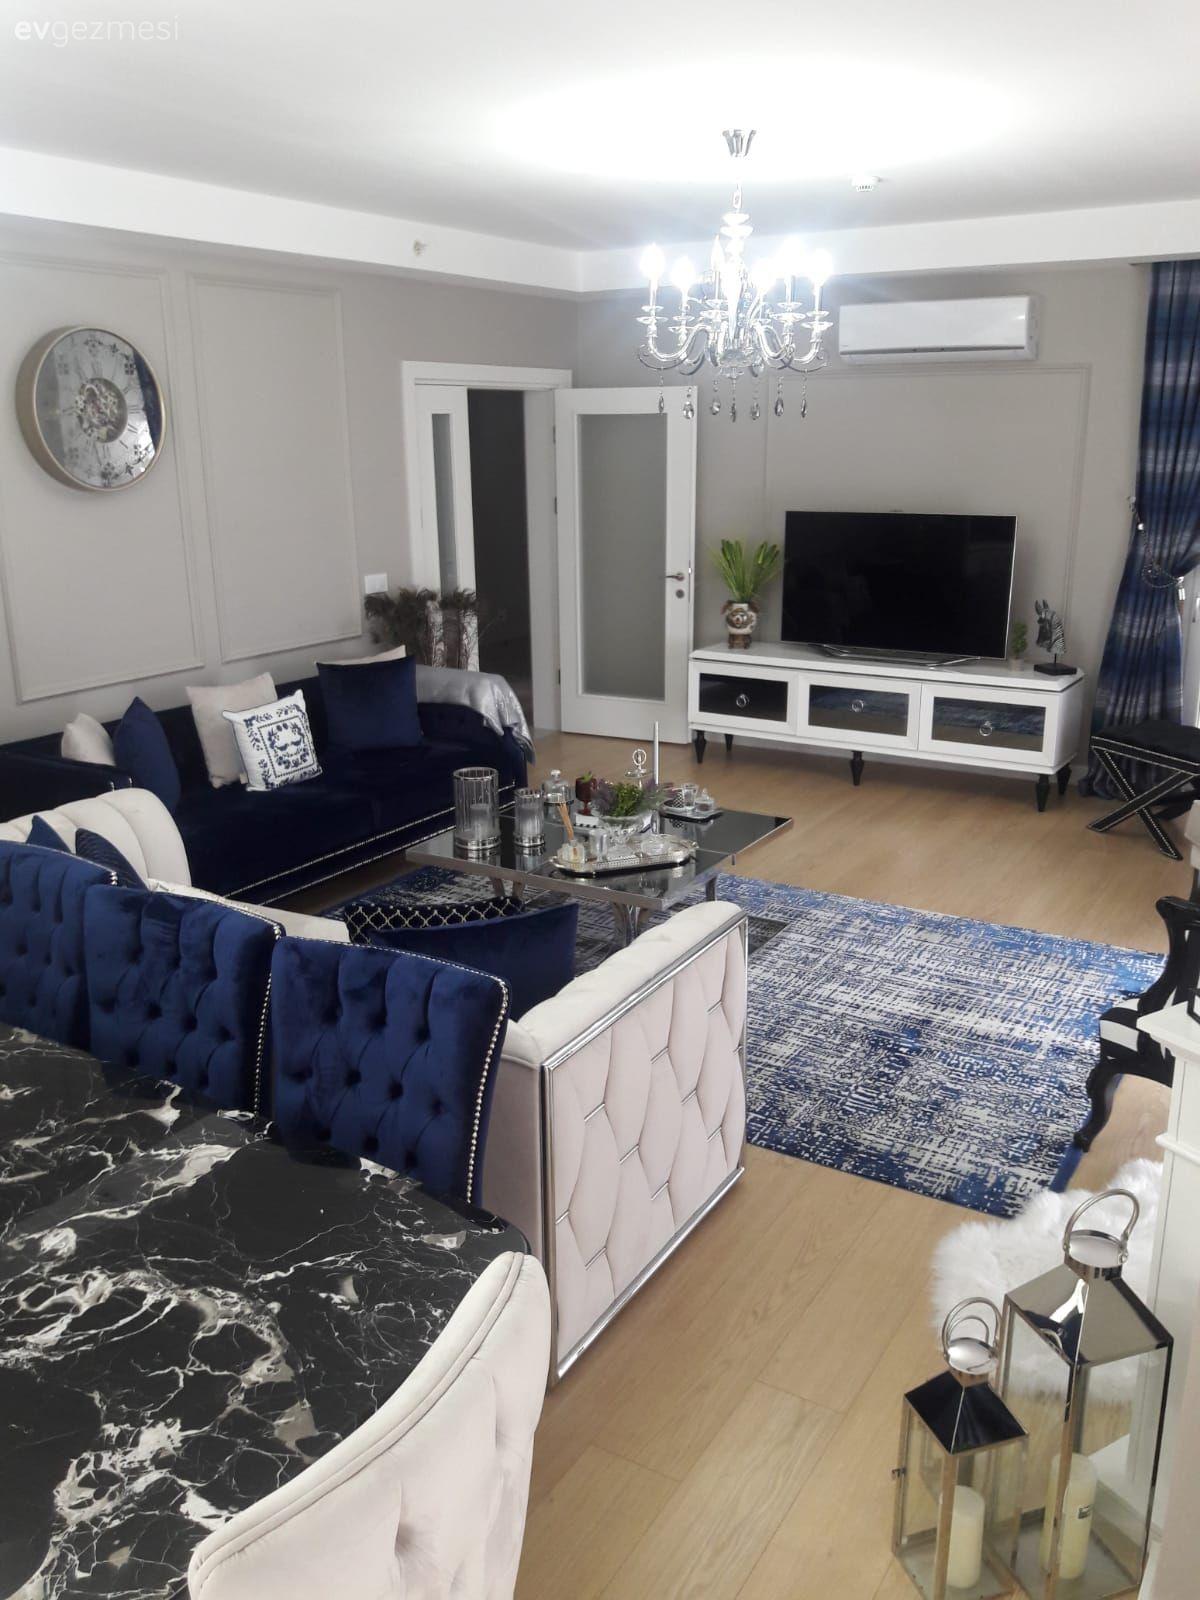 Bu Modern Luks Evde Detaycilik Hukum Suruyor Ev Gezmesi Luks Evler Oturma Odasi Takimlari Ev Dekorasyon Renkleri